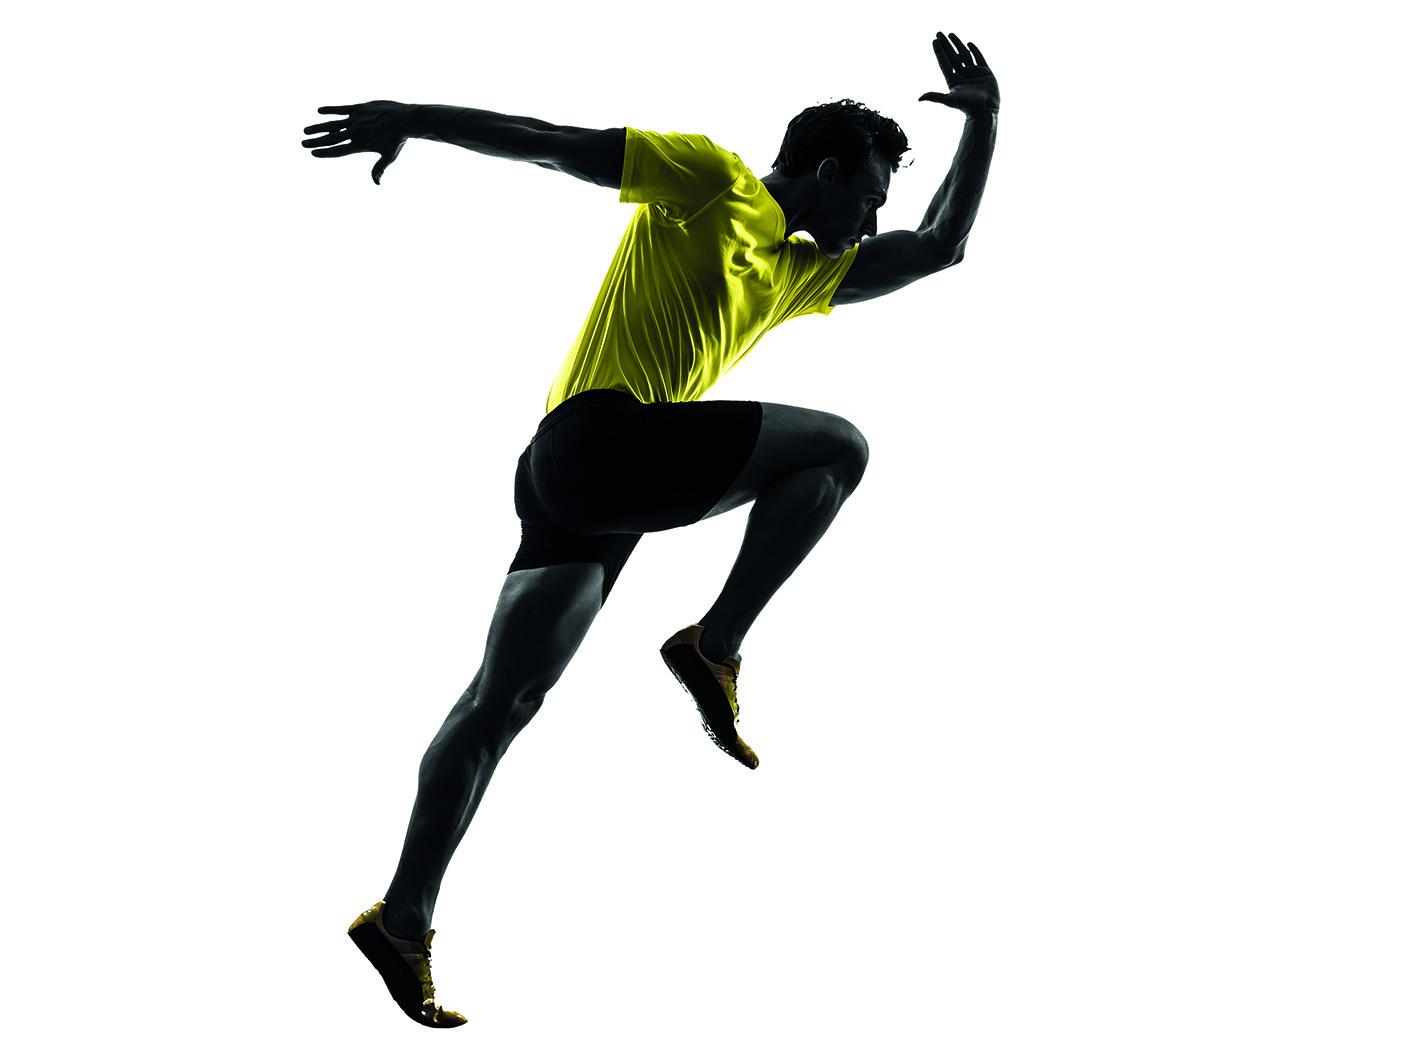 1417x1060 Young Man Sprinter Runner Running Silhouette